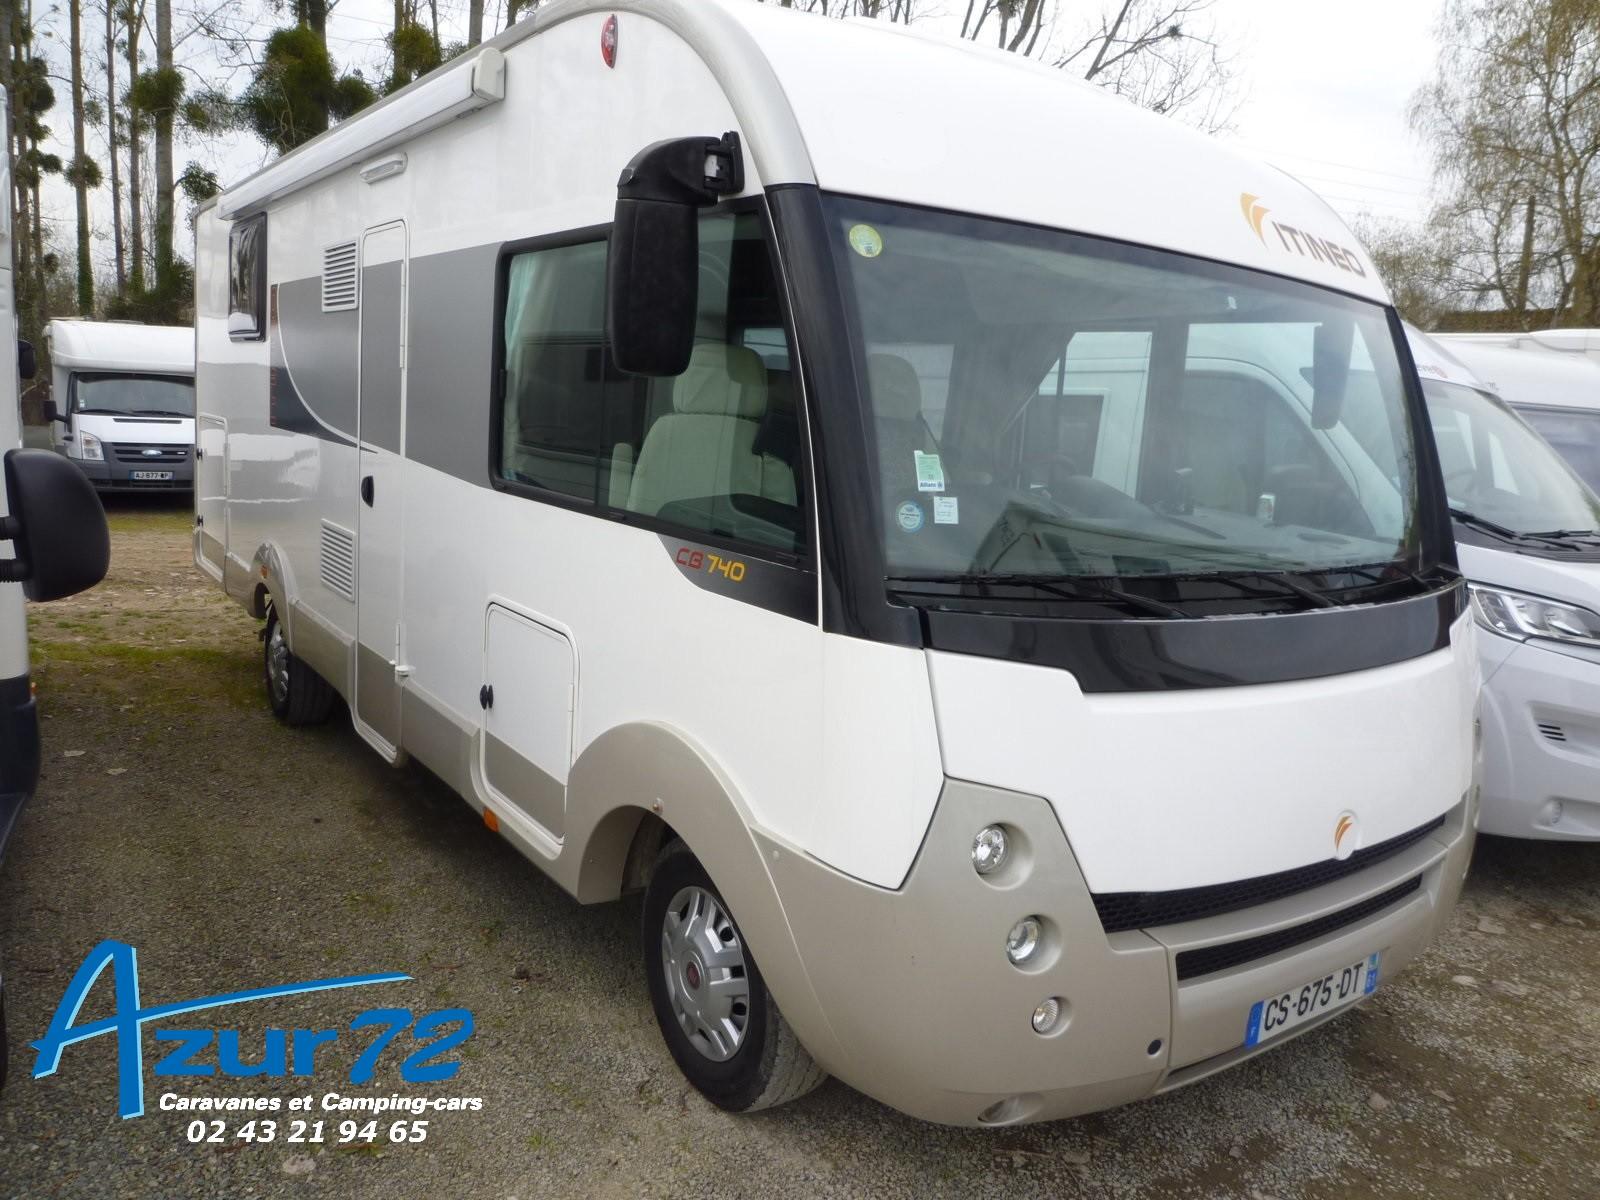 Itineo Cb 740 - 1